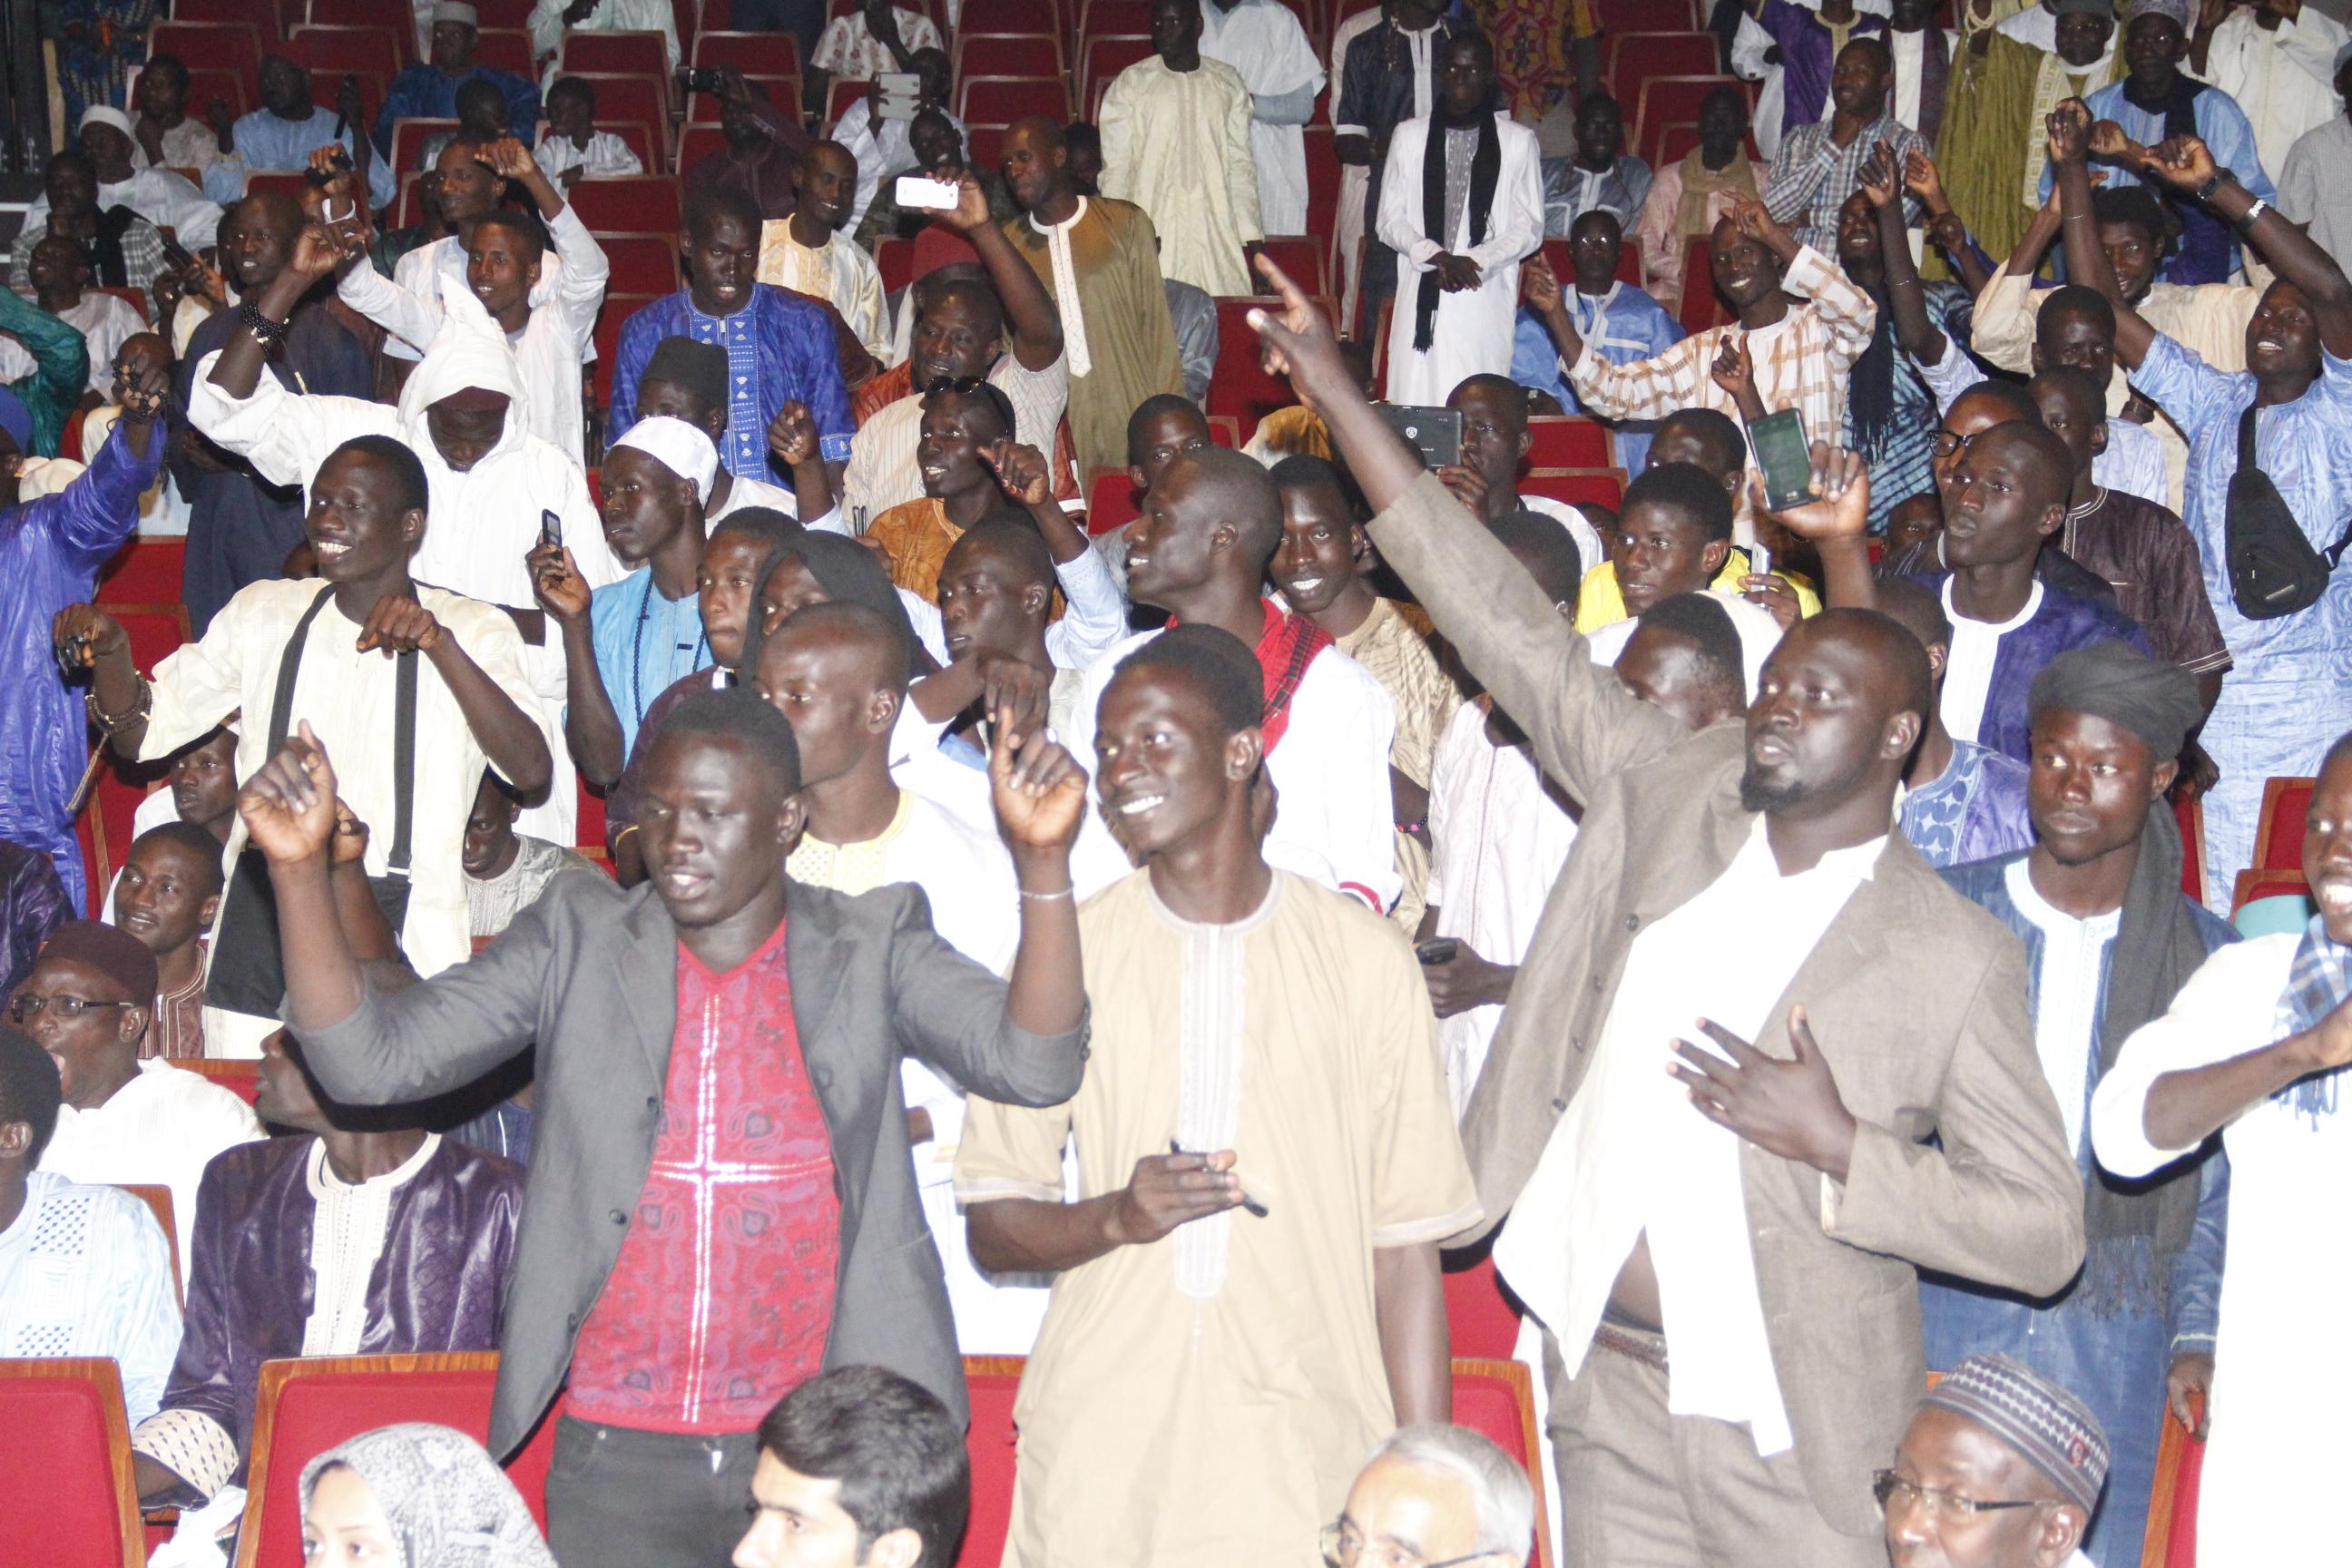 PHOTOS - Les Images du spectacle d'évocation religieuse en sons et lumières , organisé par la Cellule Zawiya Tijaan